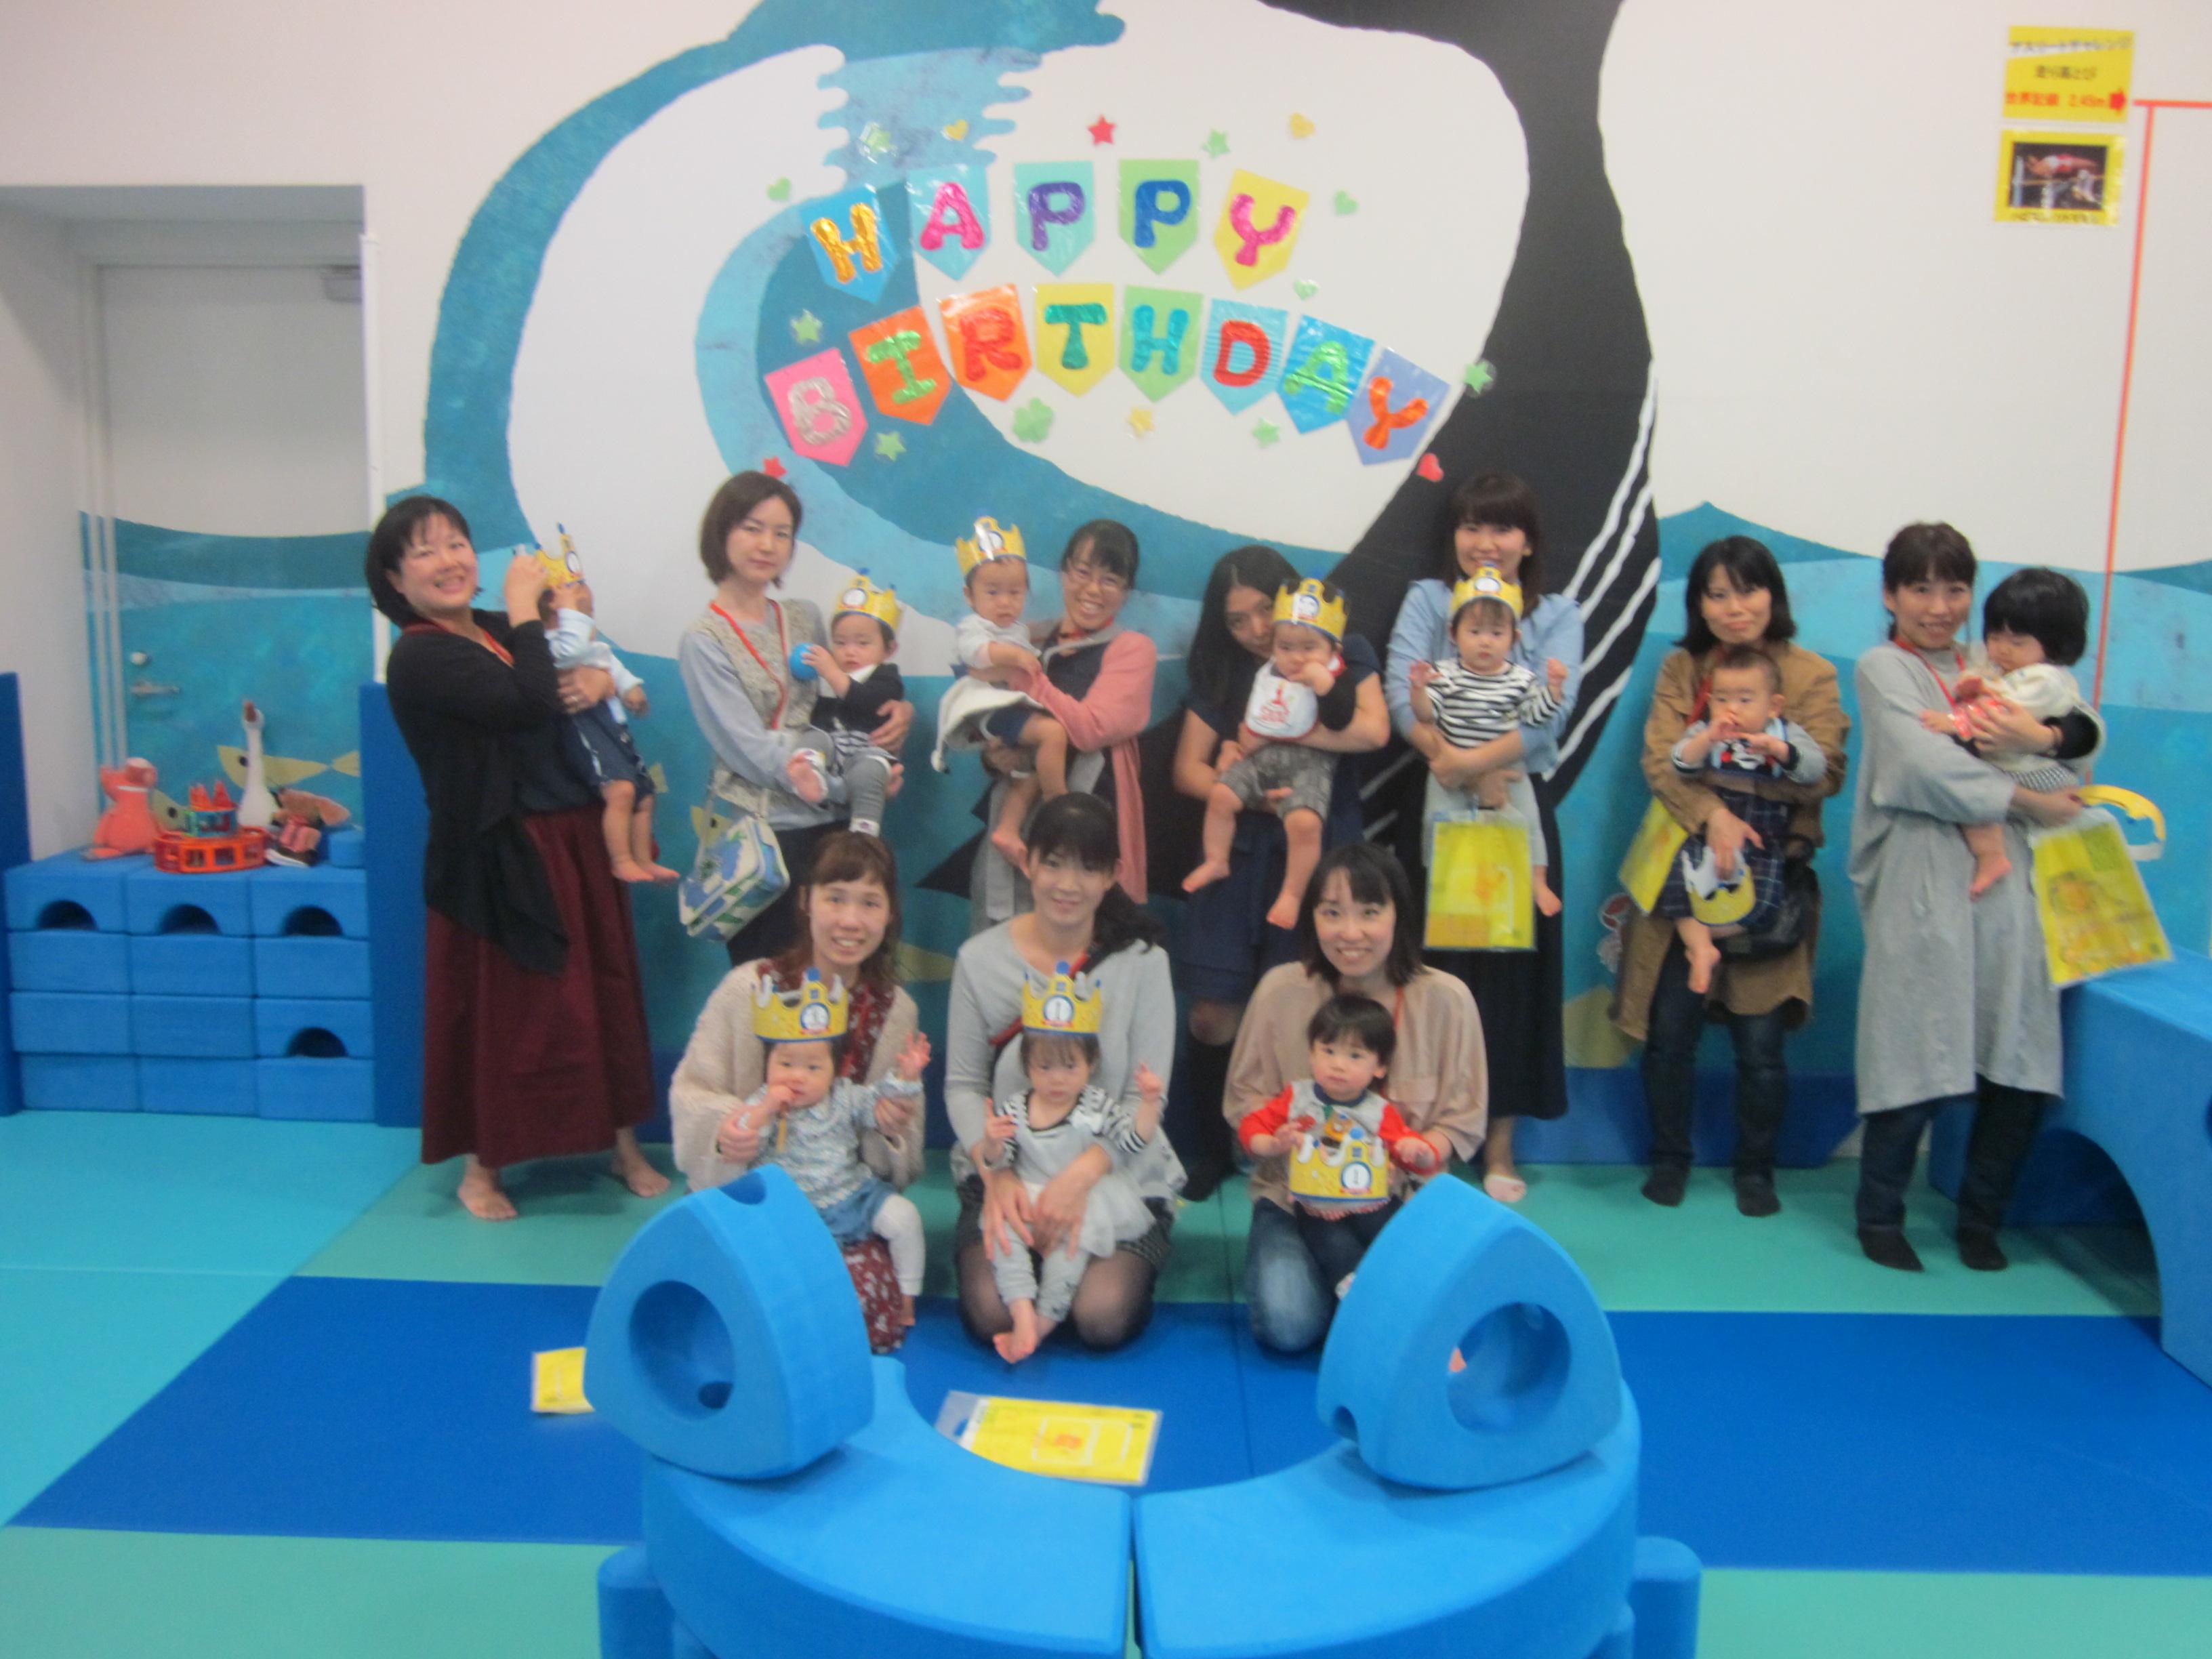 10月18日 お誕生日会を行いました!